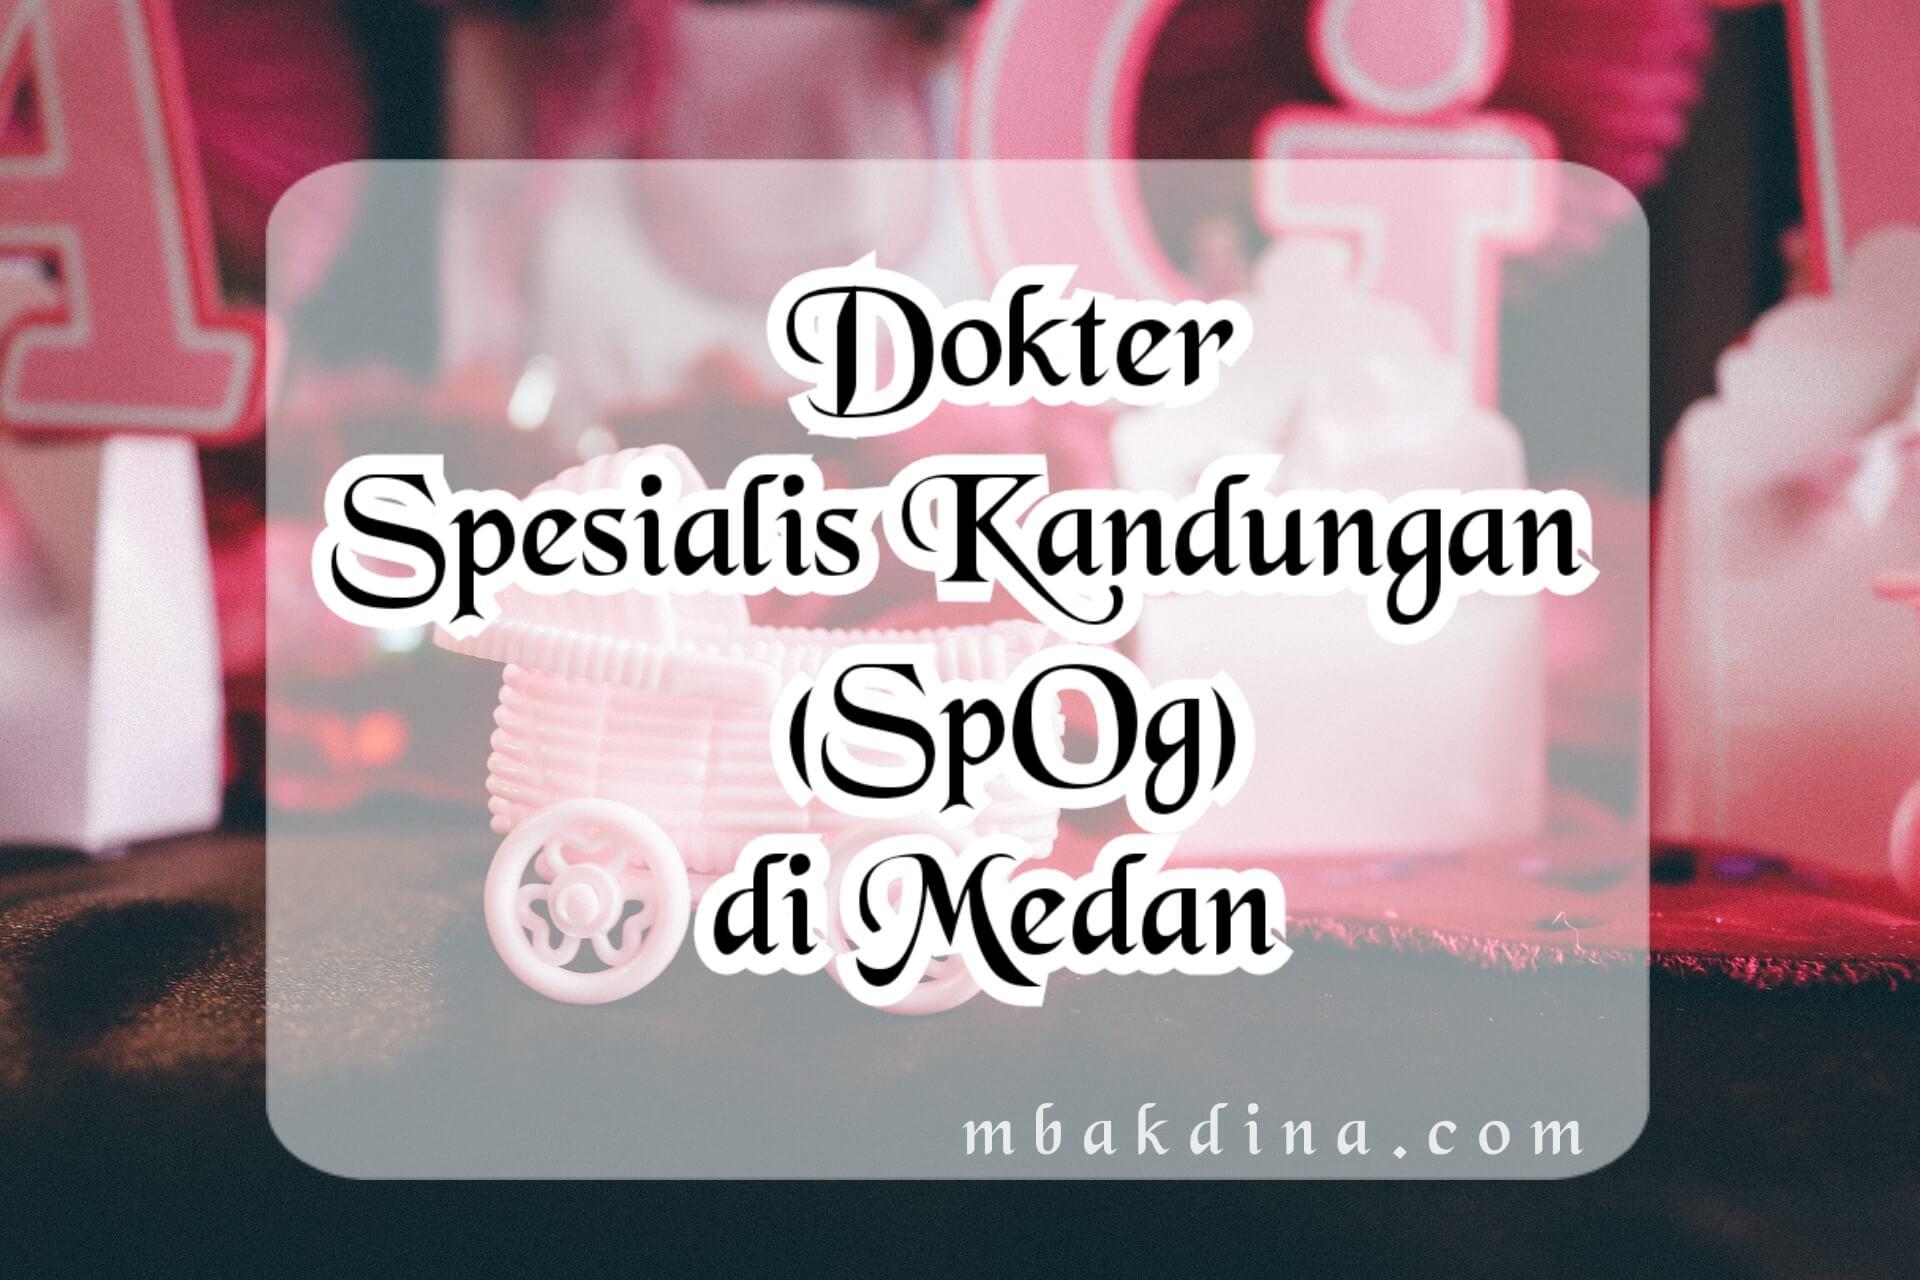 Dokter spesialis kandungan di Medan